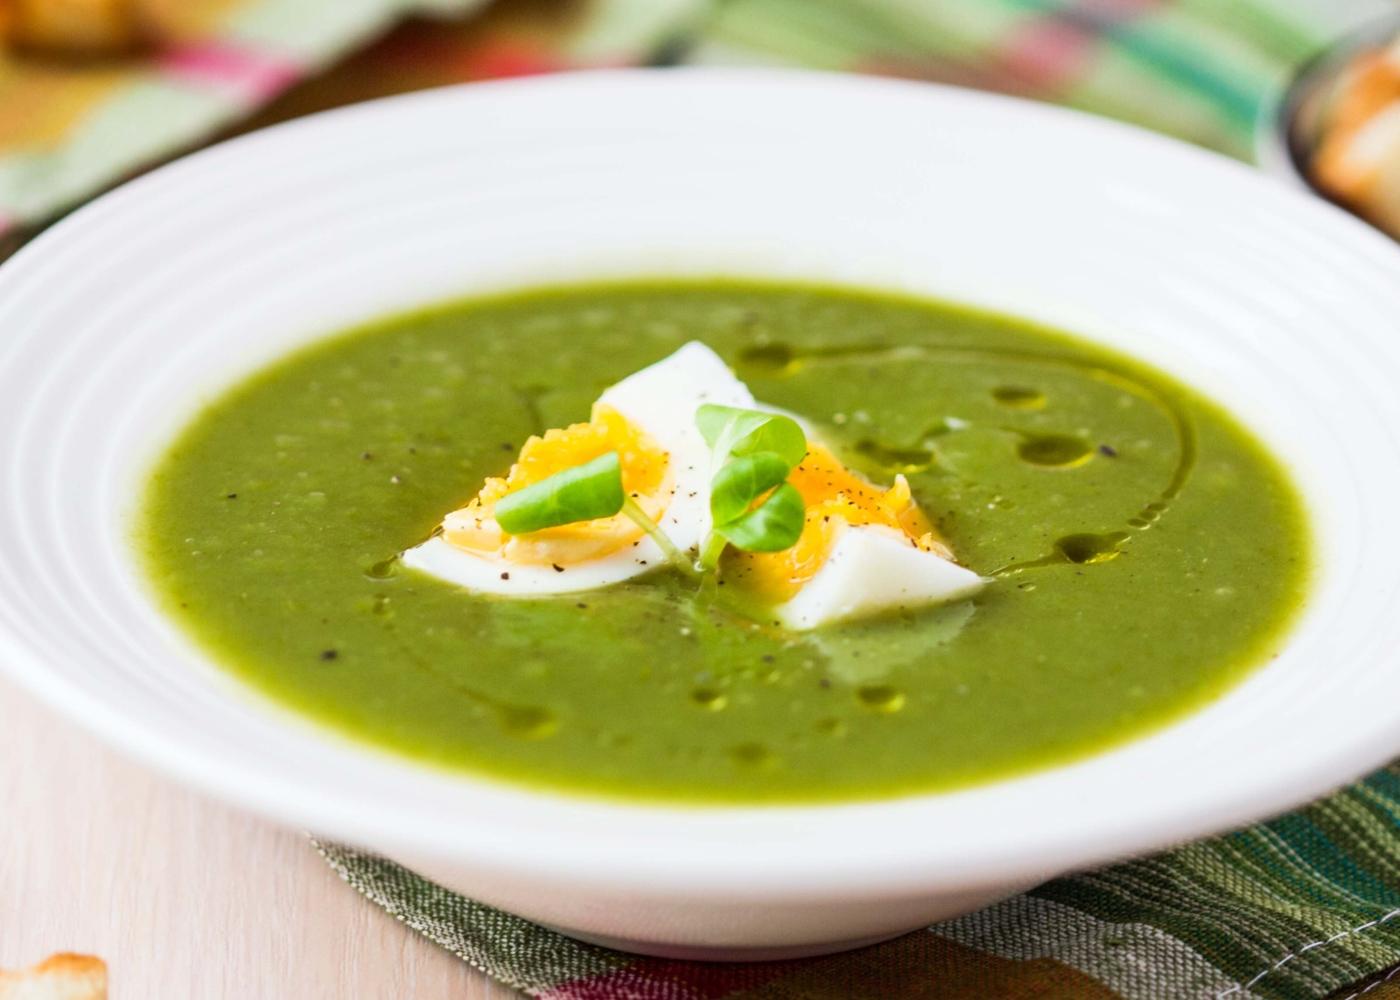 receitas saudáveis para quarentena: sopa de espinafres